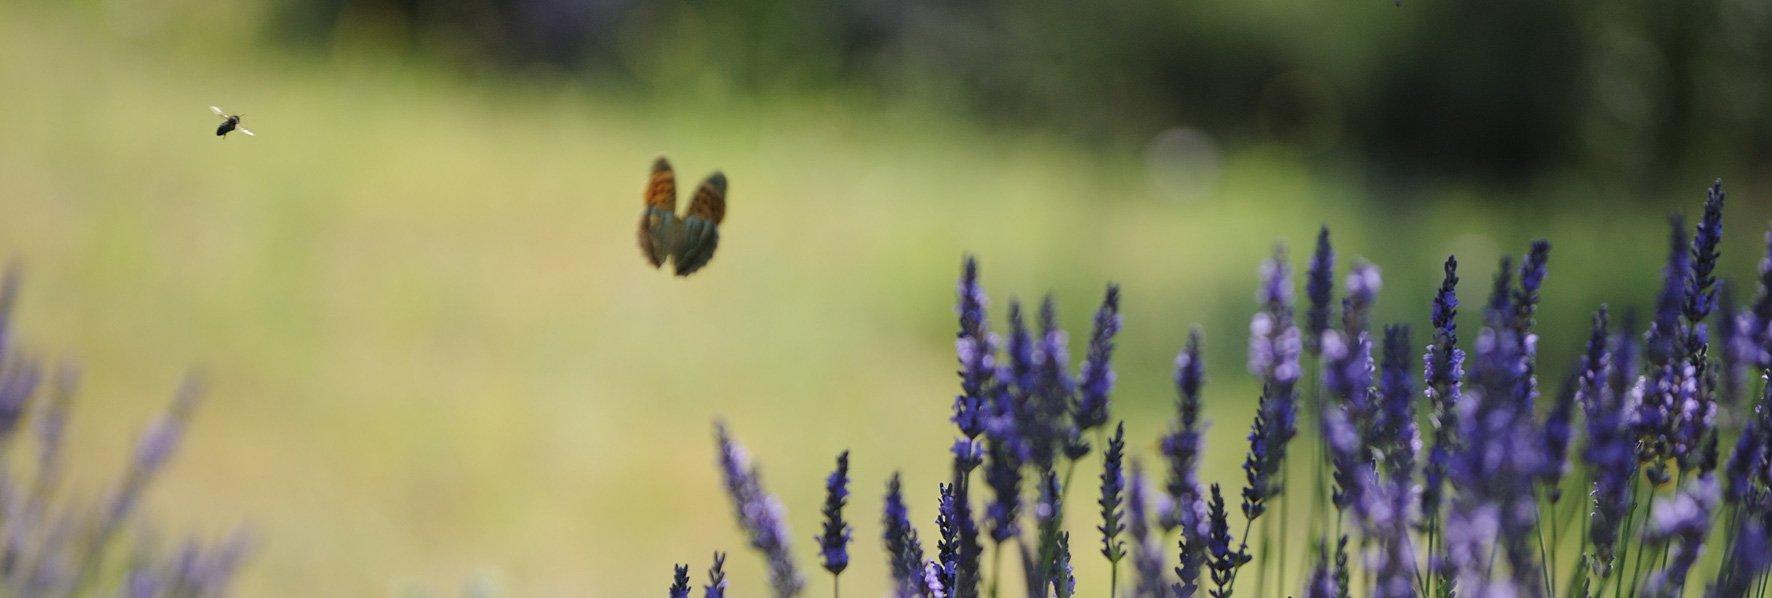 Papillon et mouche © Dominique Laugé